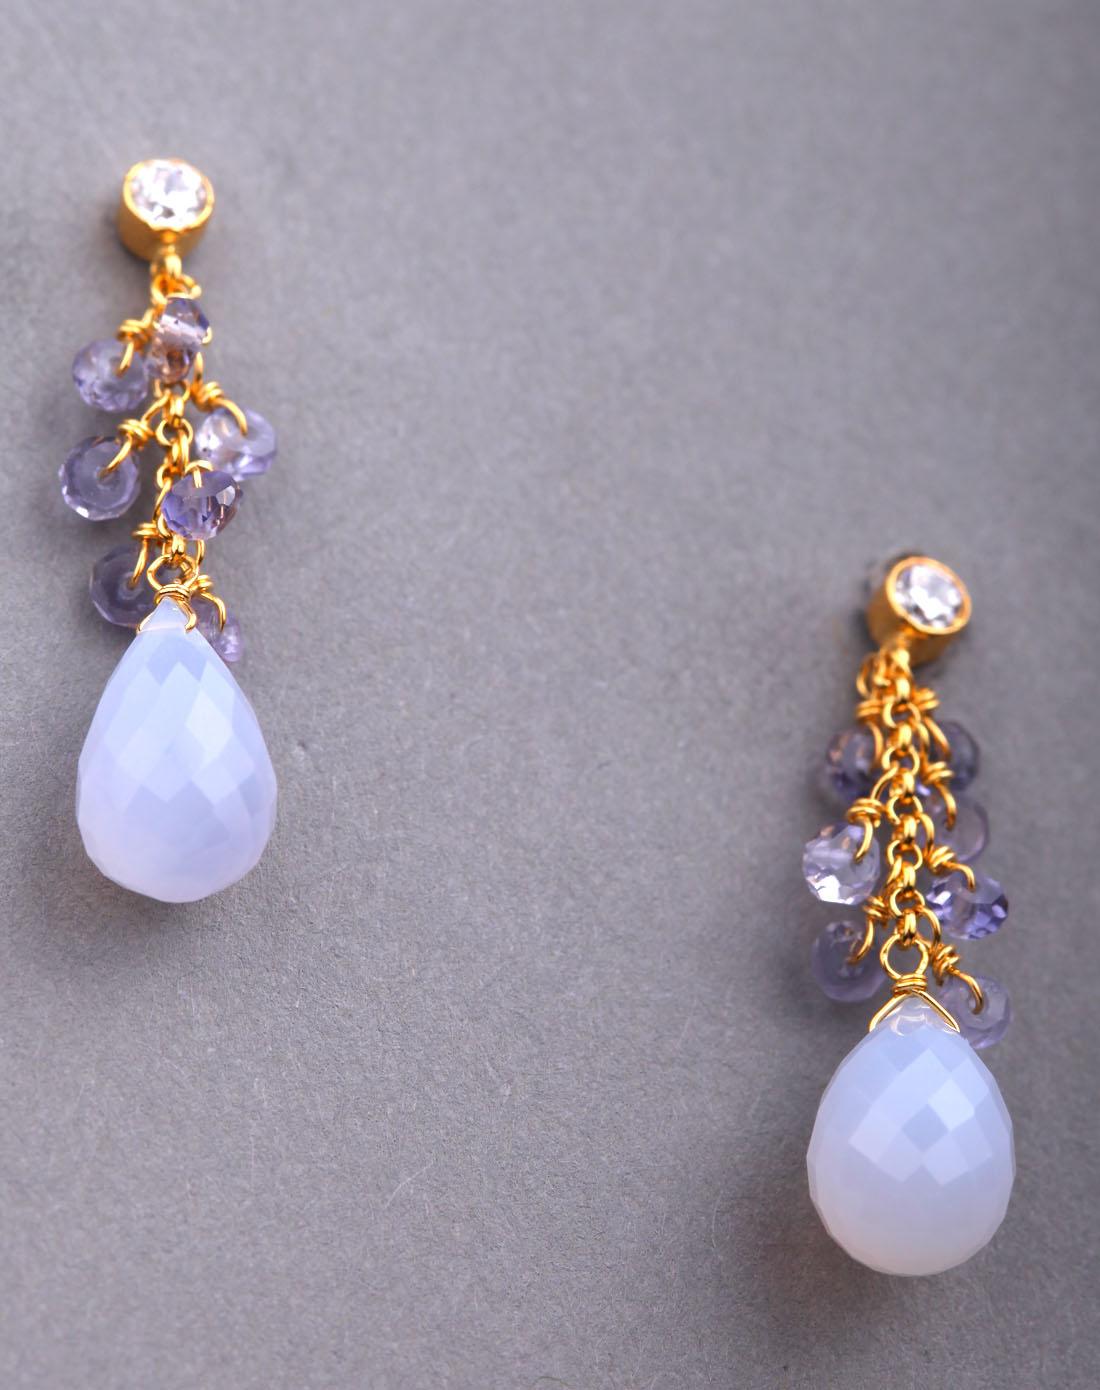 女款淡蓝色土耳其玉髓/黄青玉编织耳环